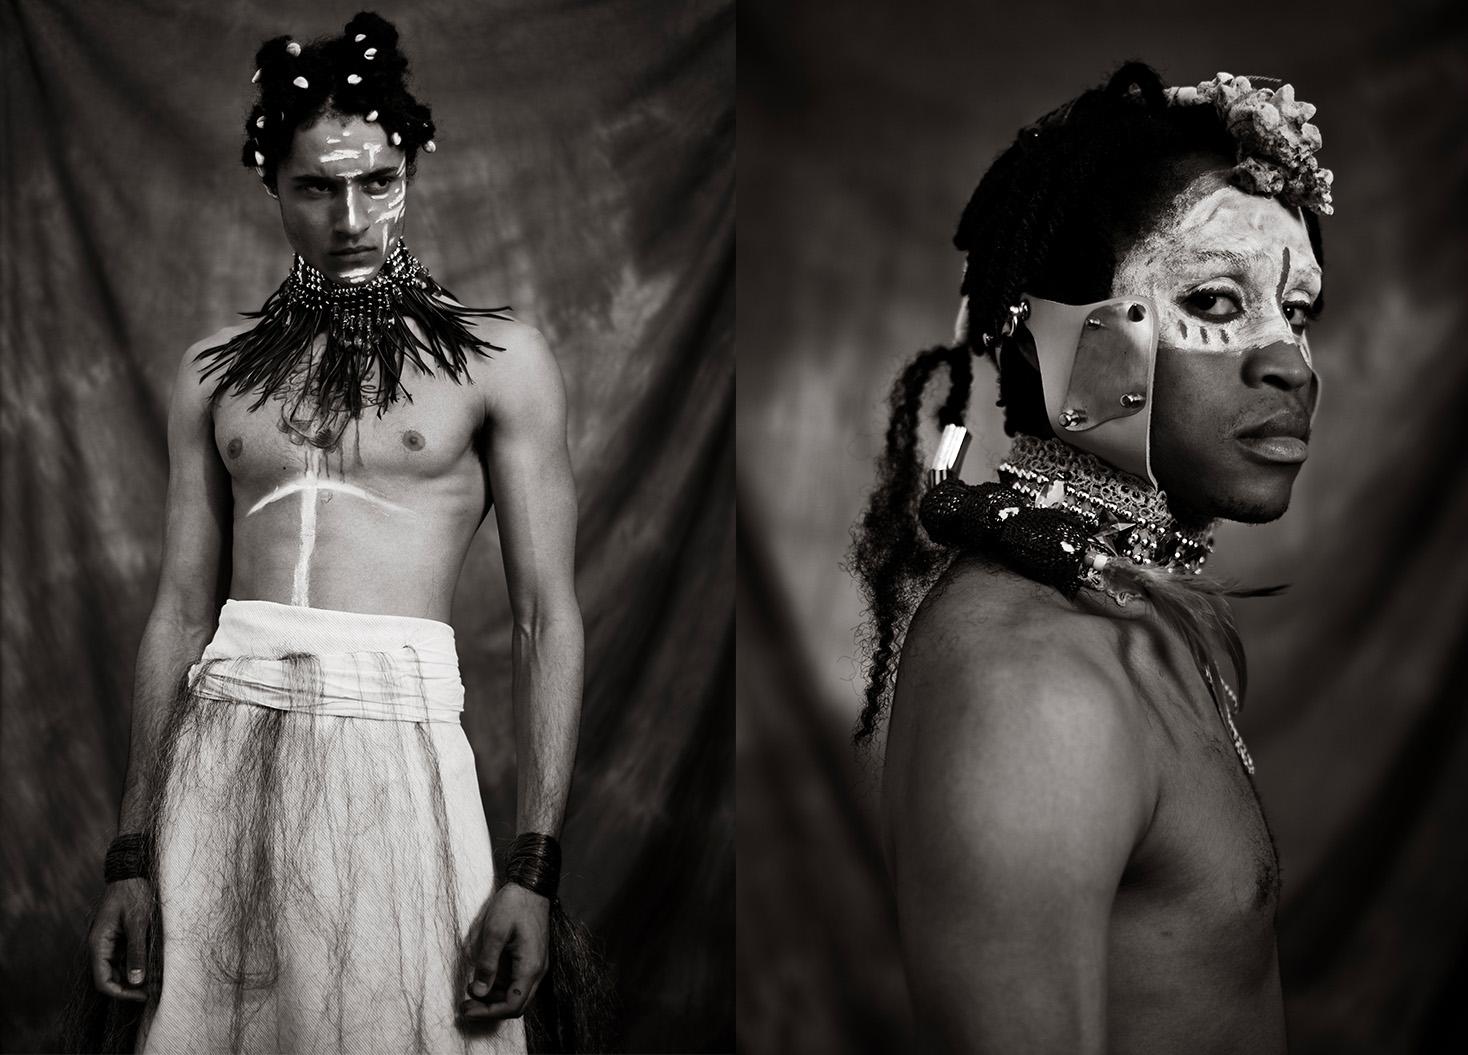 TribalBoys_v2_3.jpg